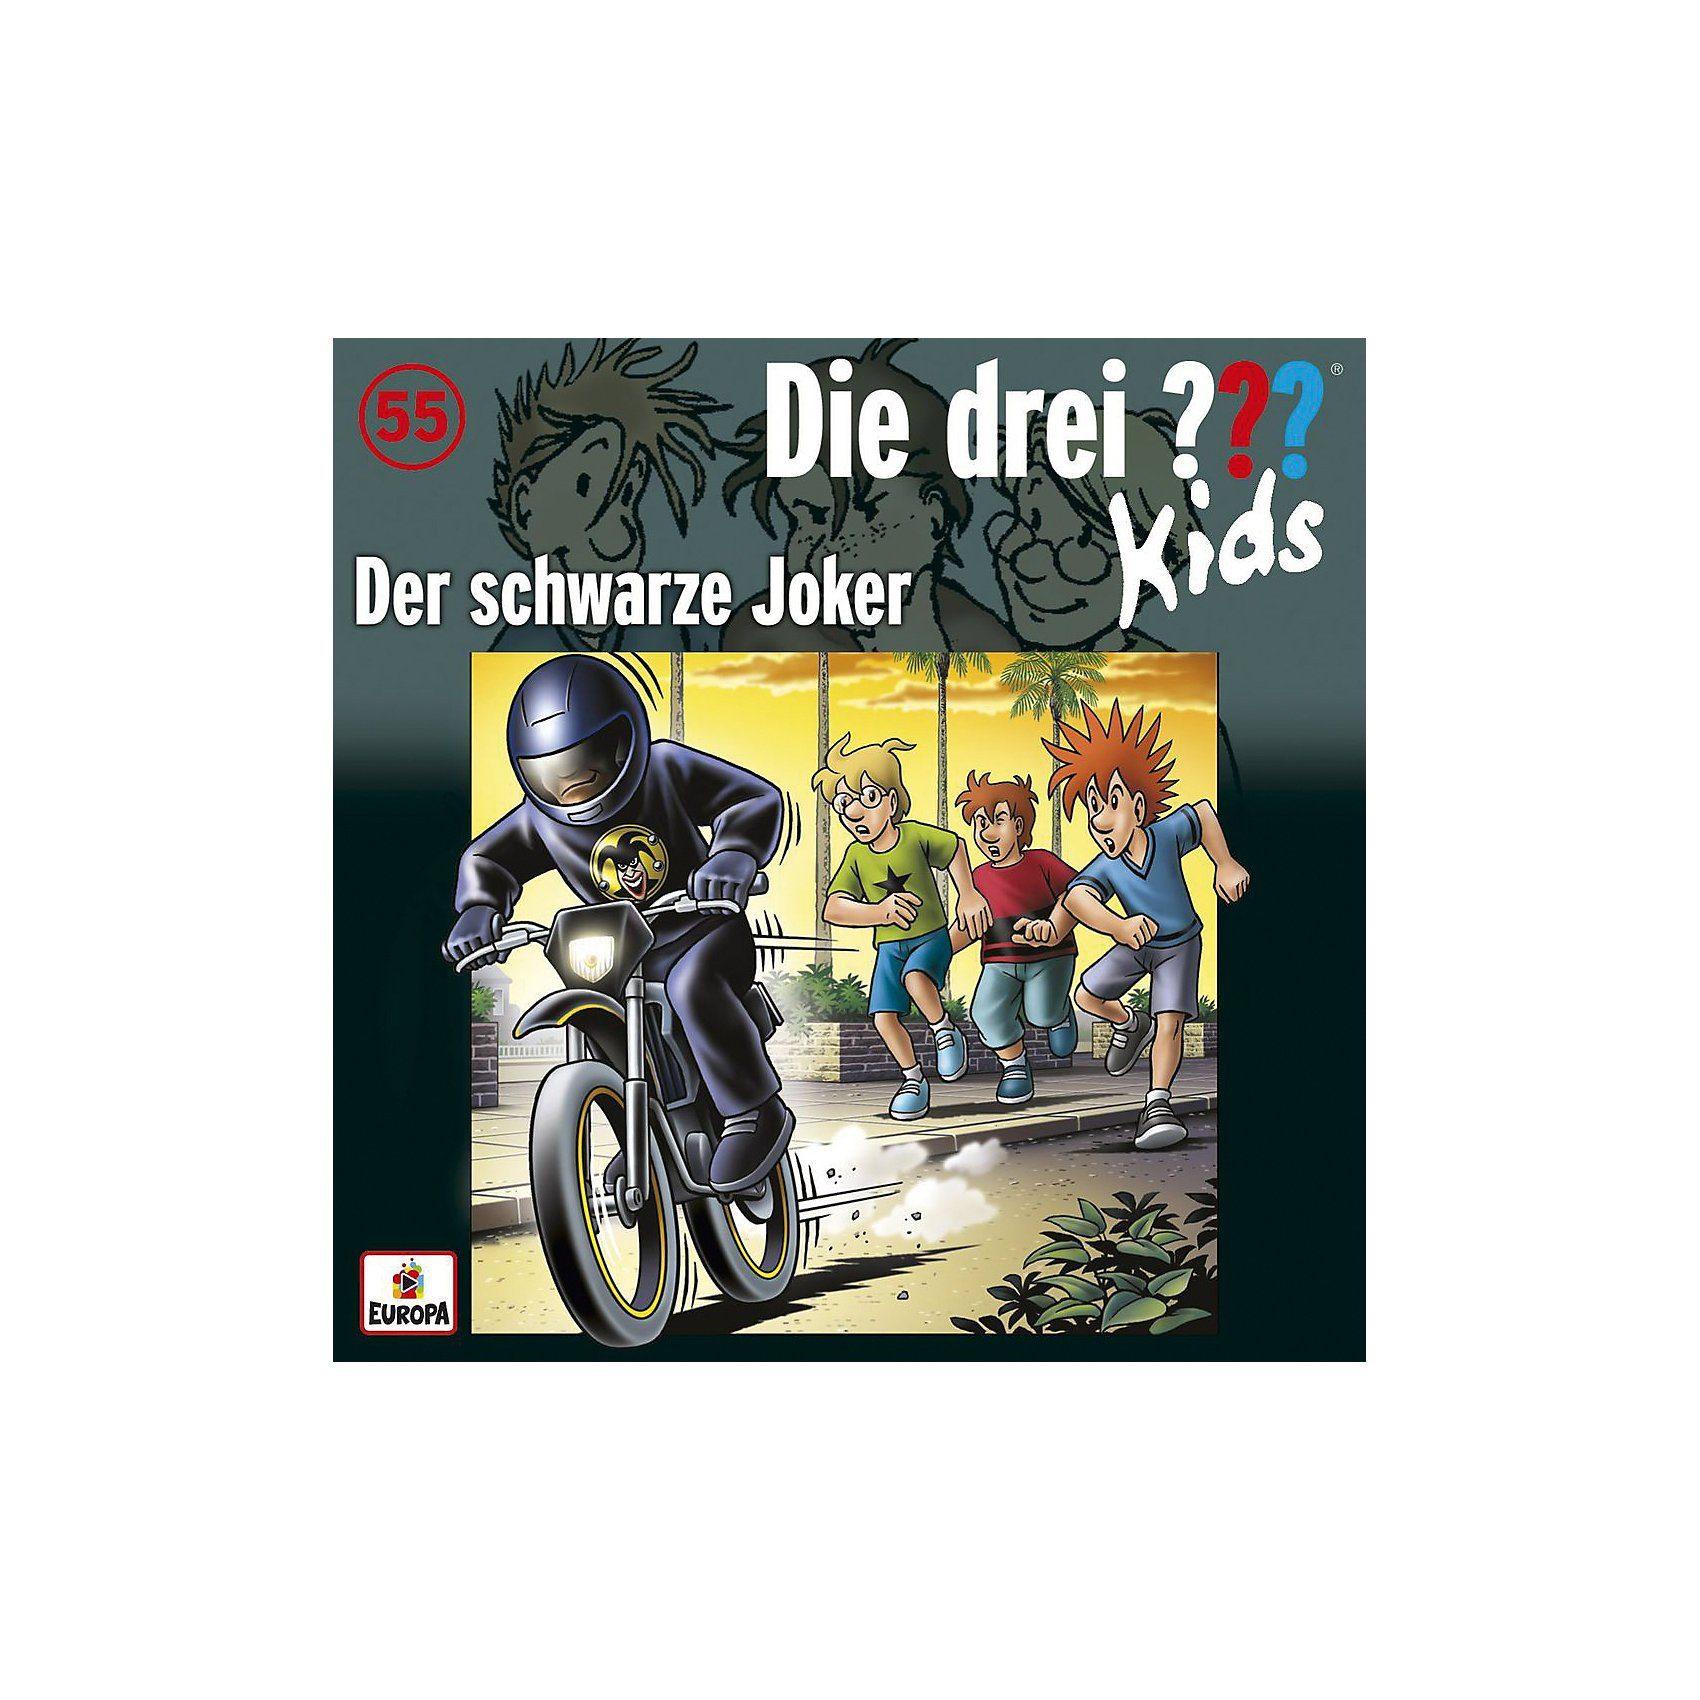 Sony CD Die Drei ??? Kids 55 - Der schwarze Joker